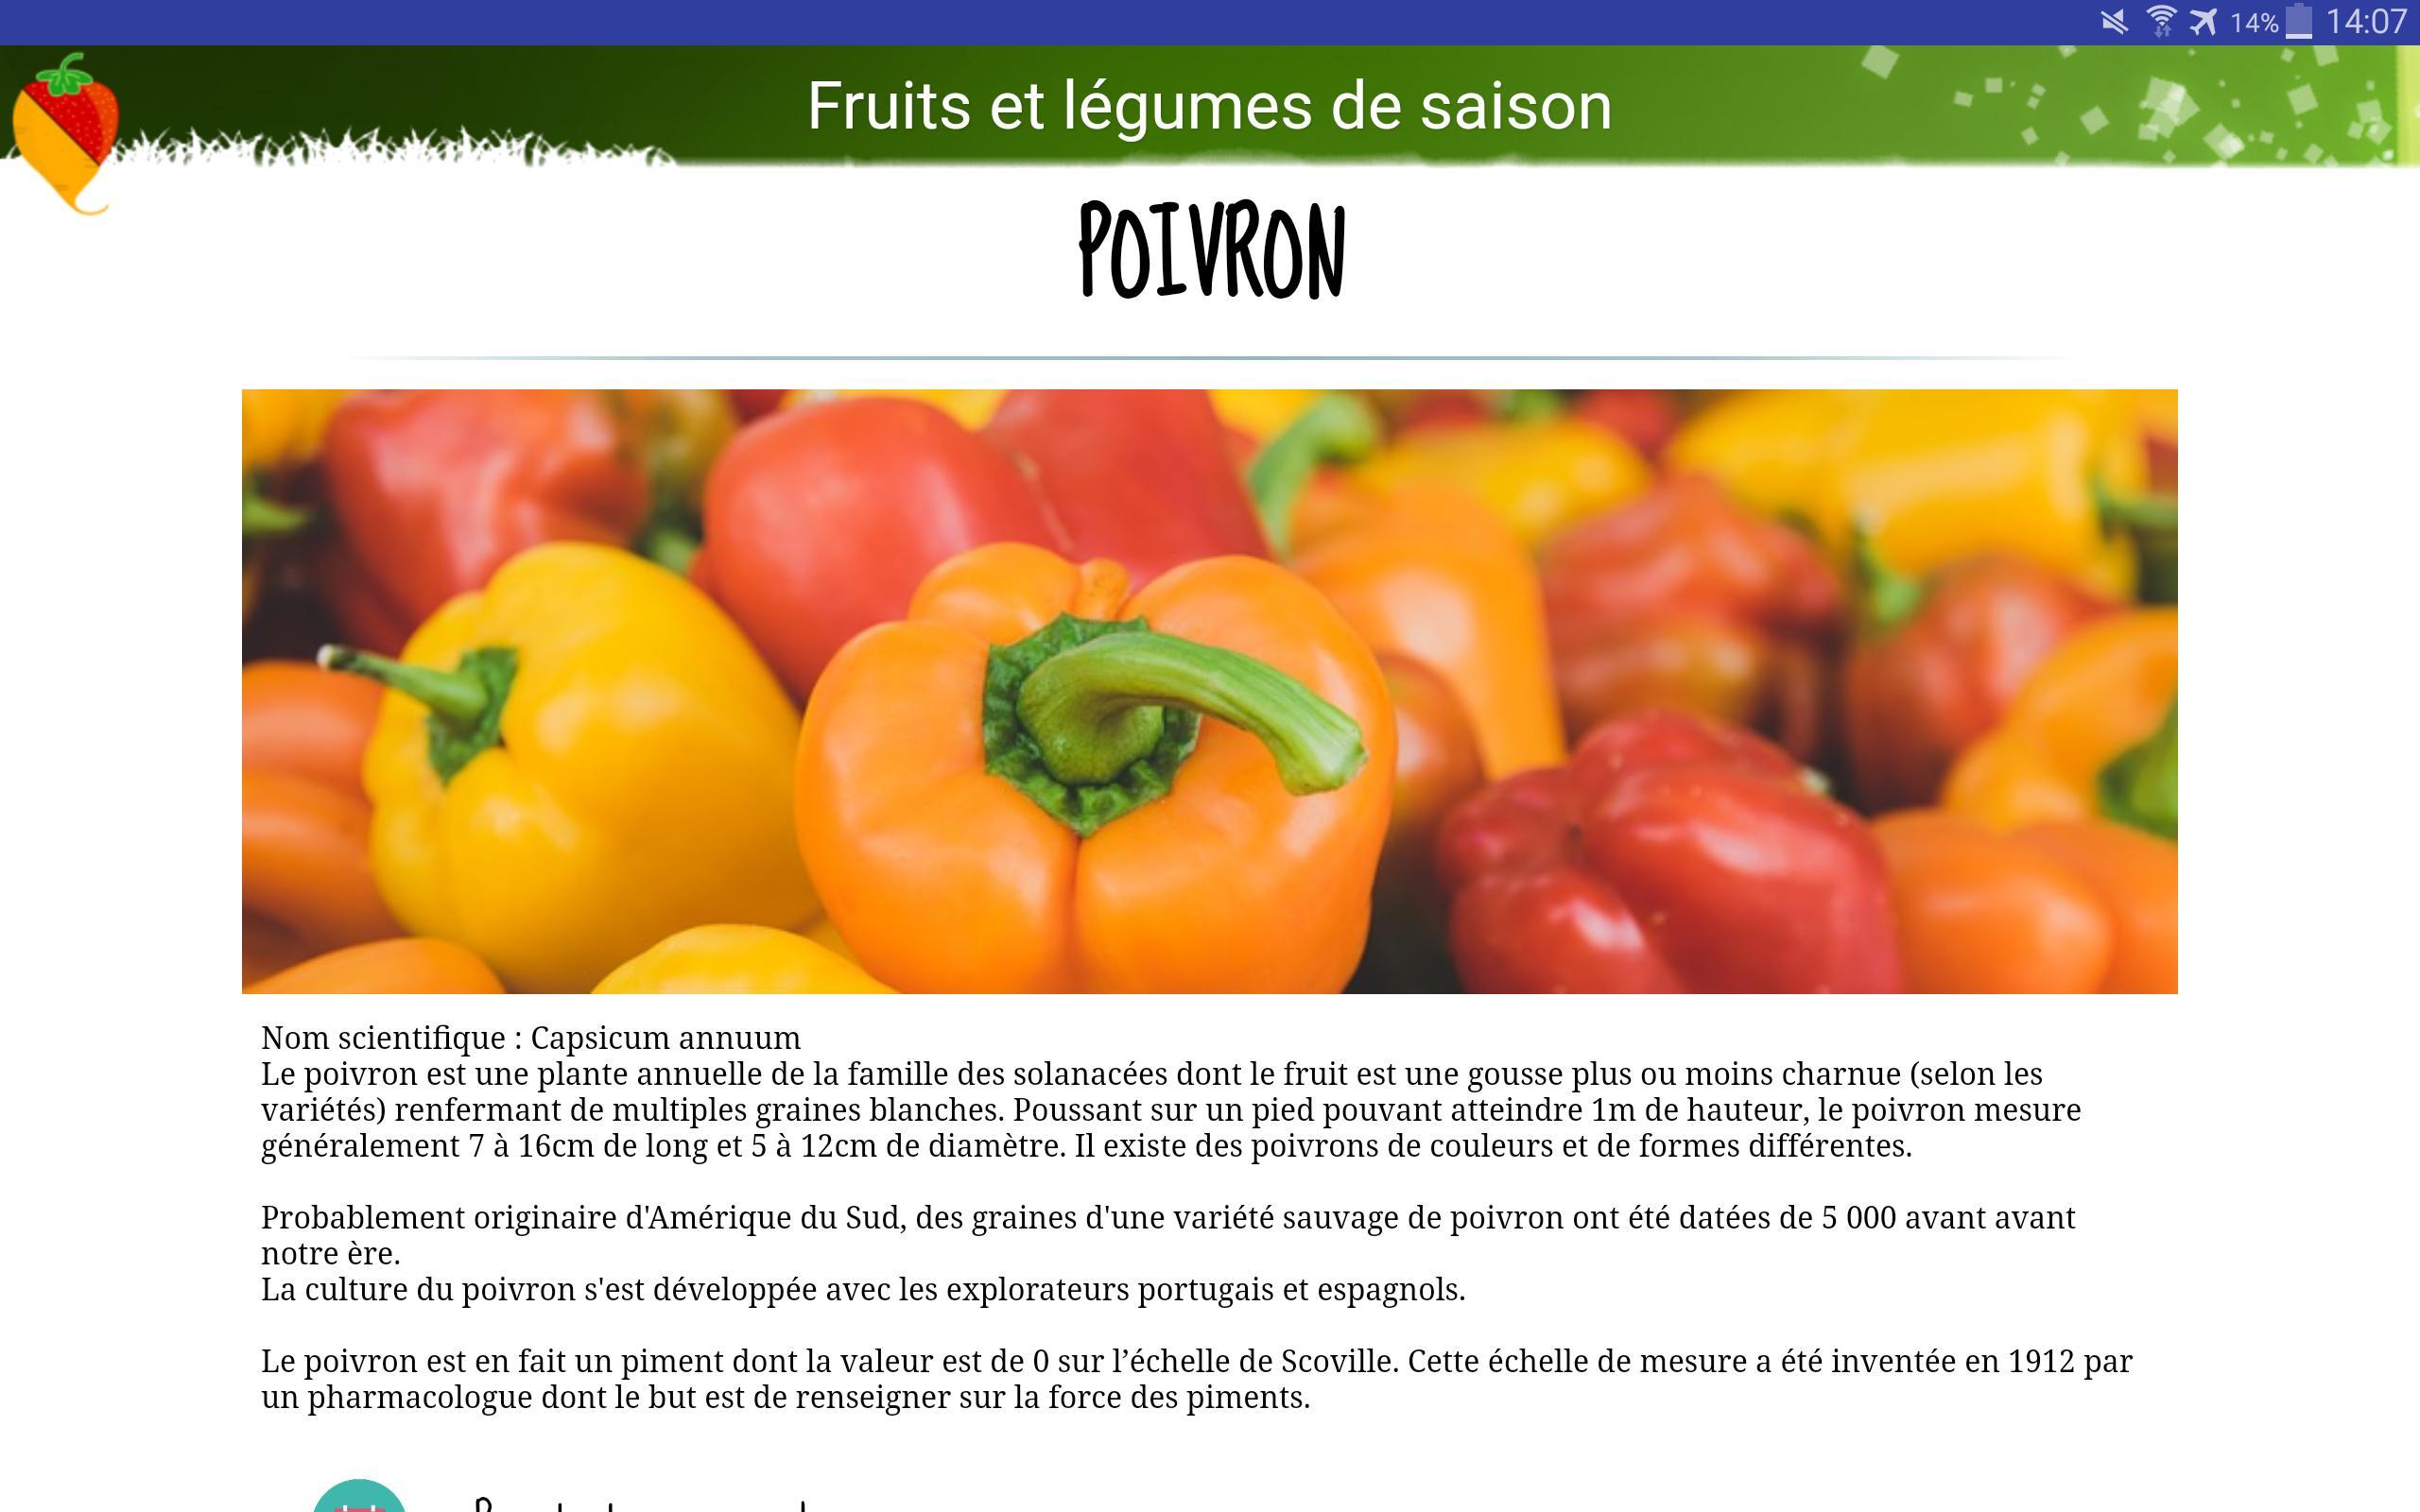 Android Için Fruits Et Légumes De Saison - Apk'yı İndir tout Nom De Legume